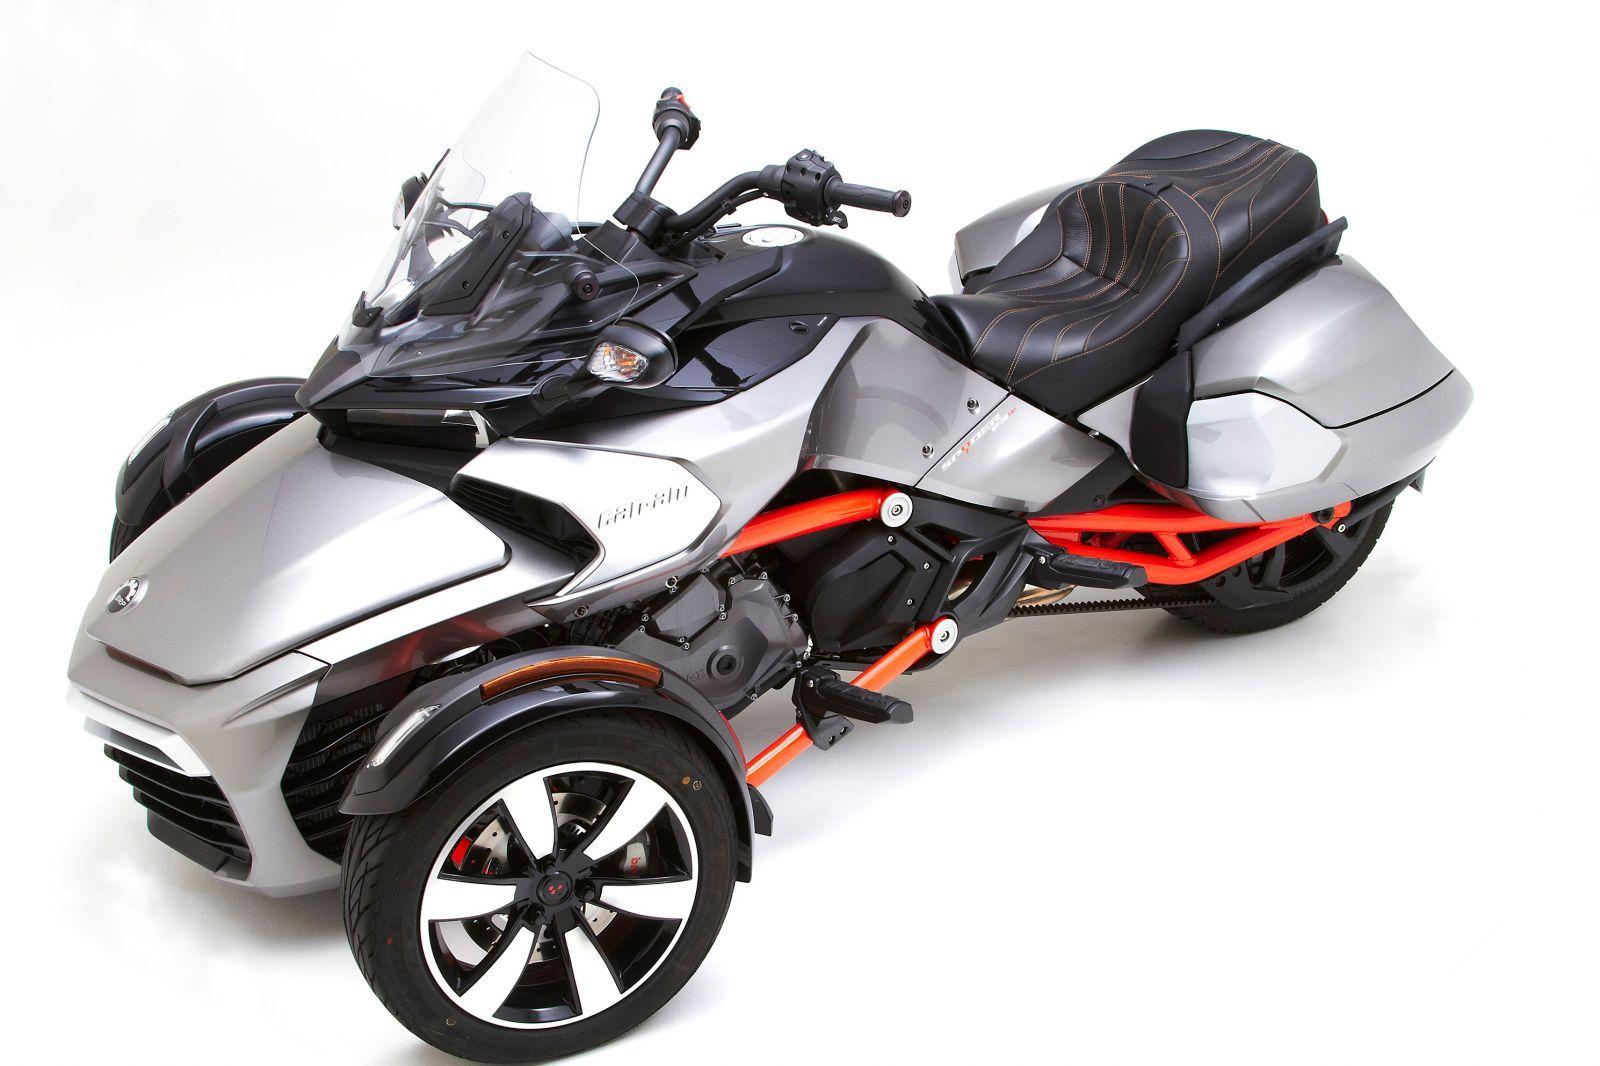 spyder le m lange mi moto mi quad moto scooter motos d 39 occasion. Black Bedroom Furniture Sets. Home Design Ideas